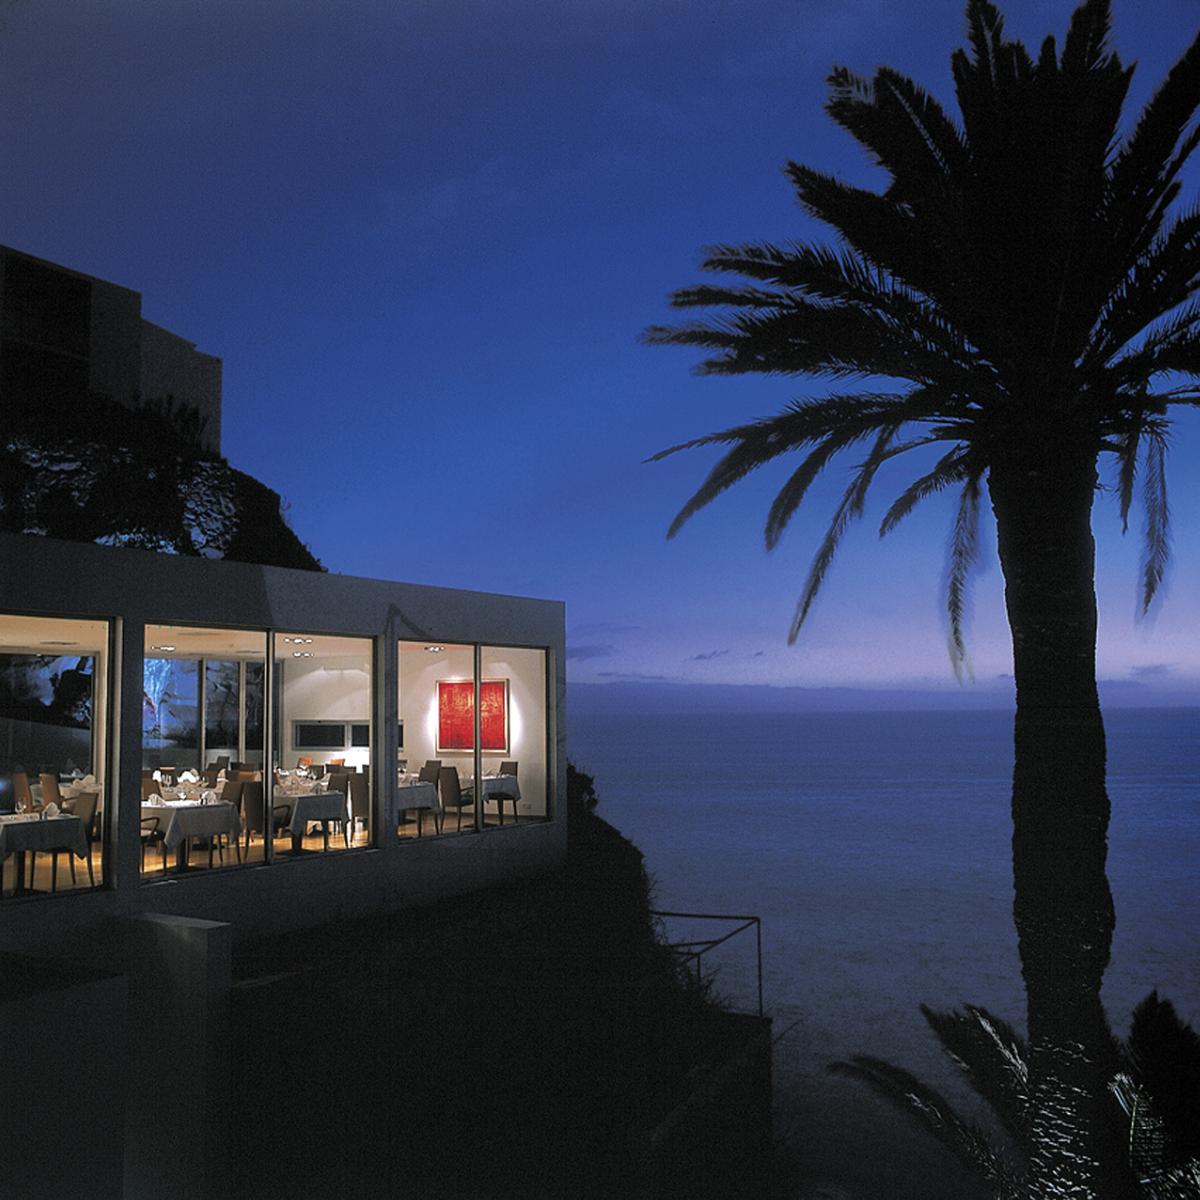 Ponta do sol auf Madeira (20)